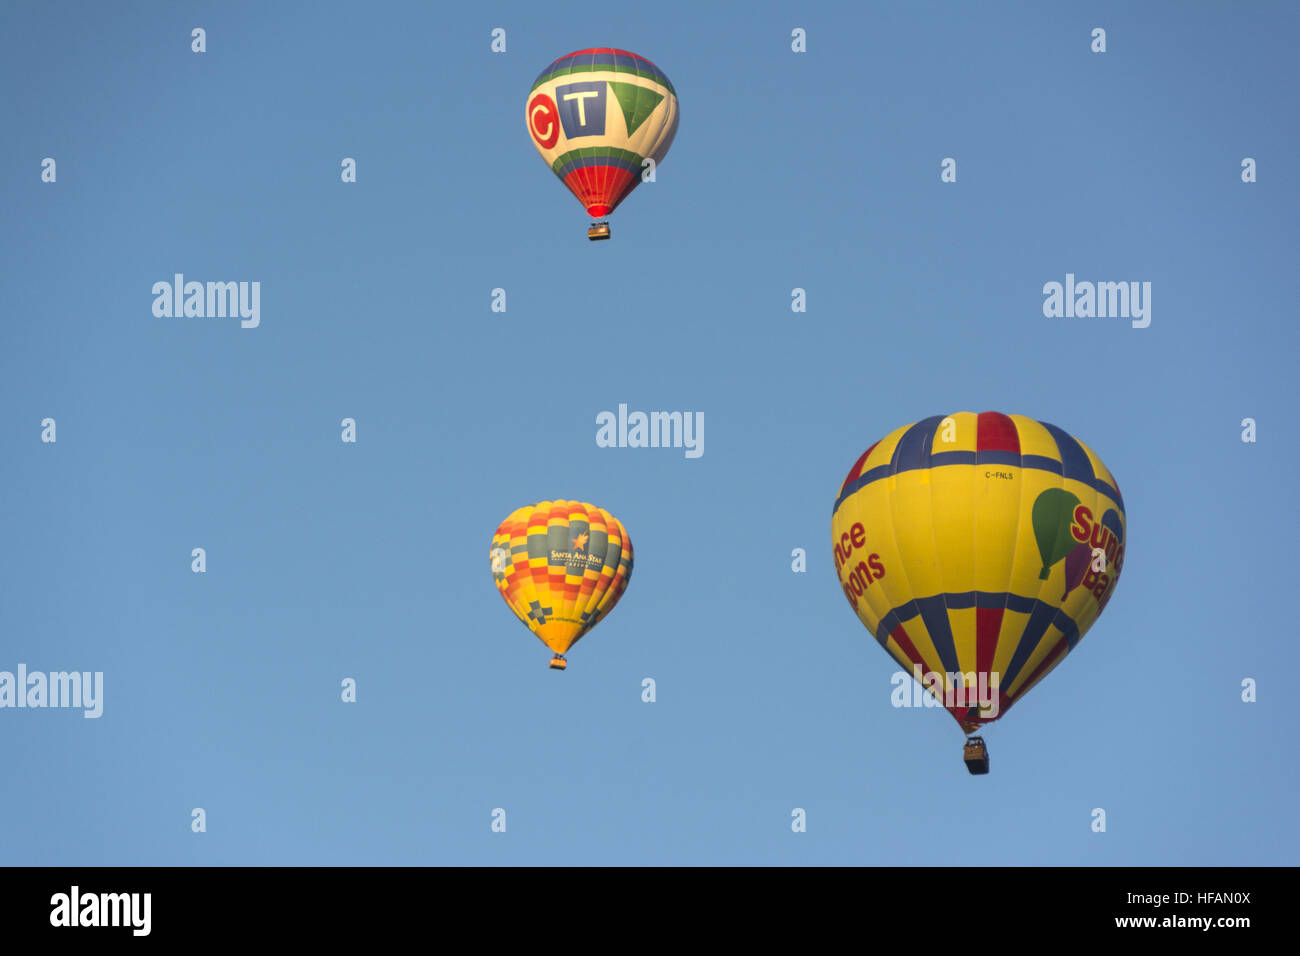 Nuevo México, en Albuquerque, Albuquerque International Balloon Fiesta, globos de aire caliente Imagen De Stock